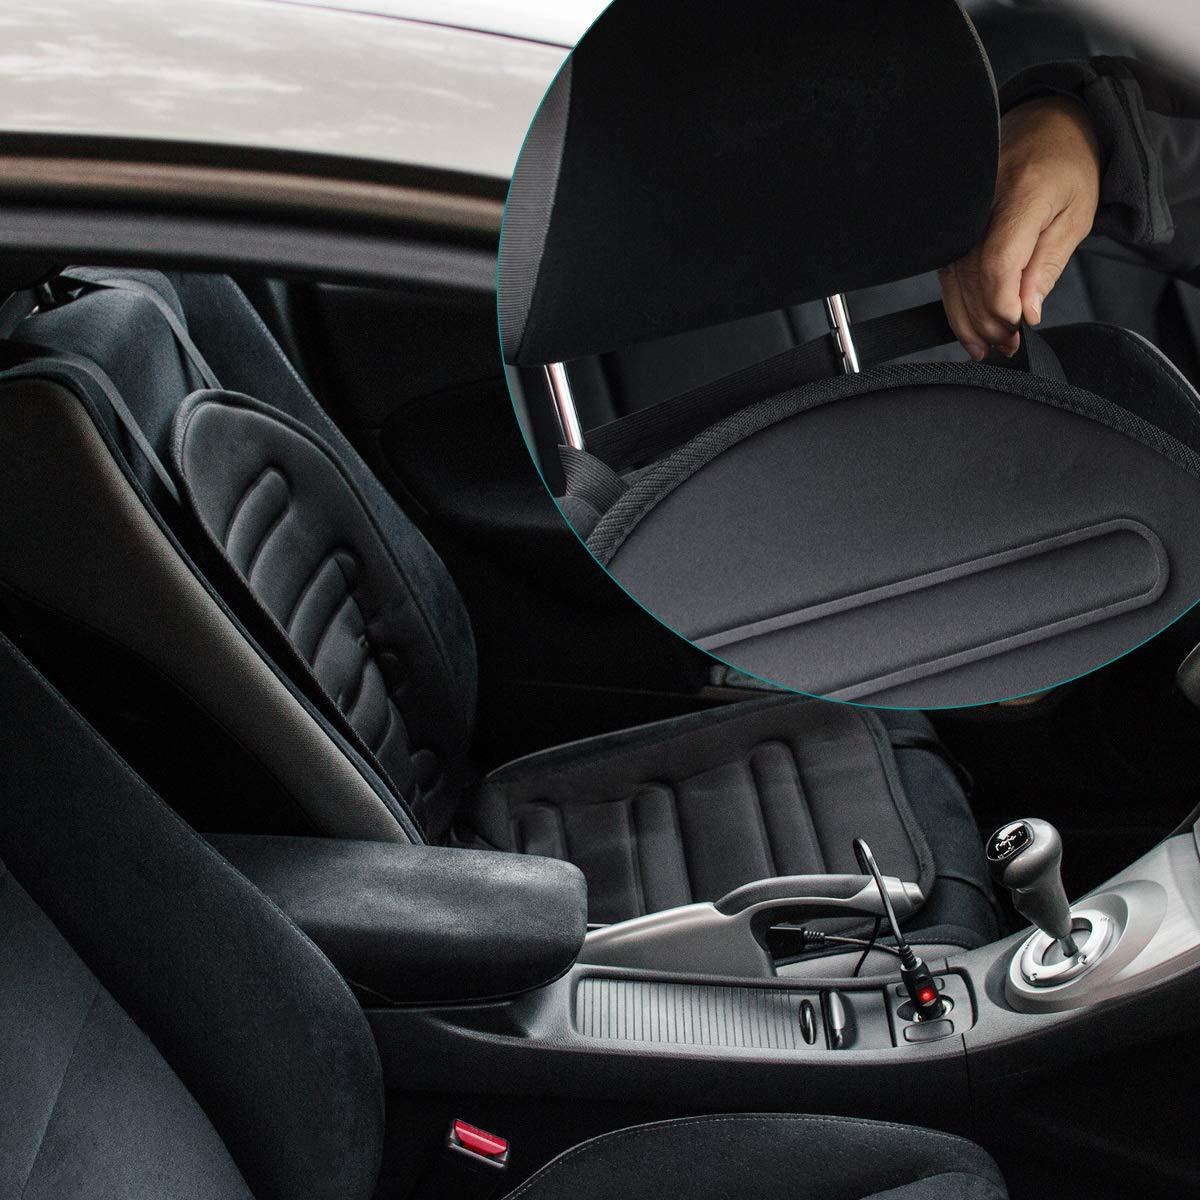 Sedile Riscaldante per Automobili con Attacco Accendisigari 2 Intensit/à di Riscaldamento Navaris Scaldasedile Elettrico Universale Copri Cuscino